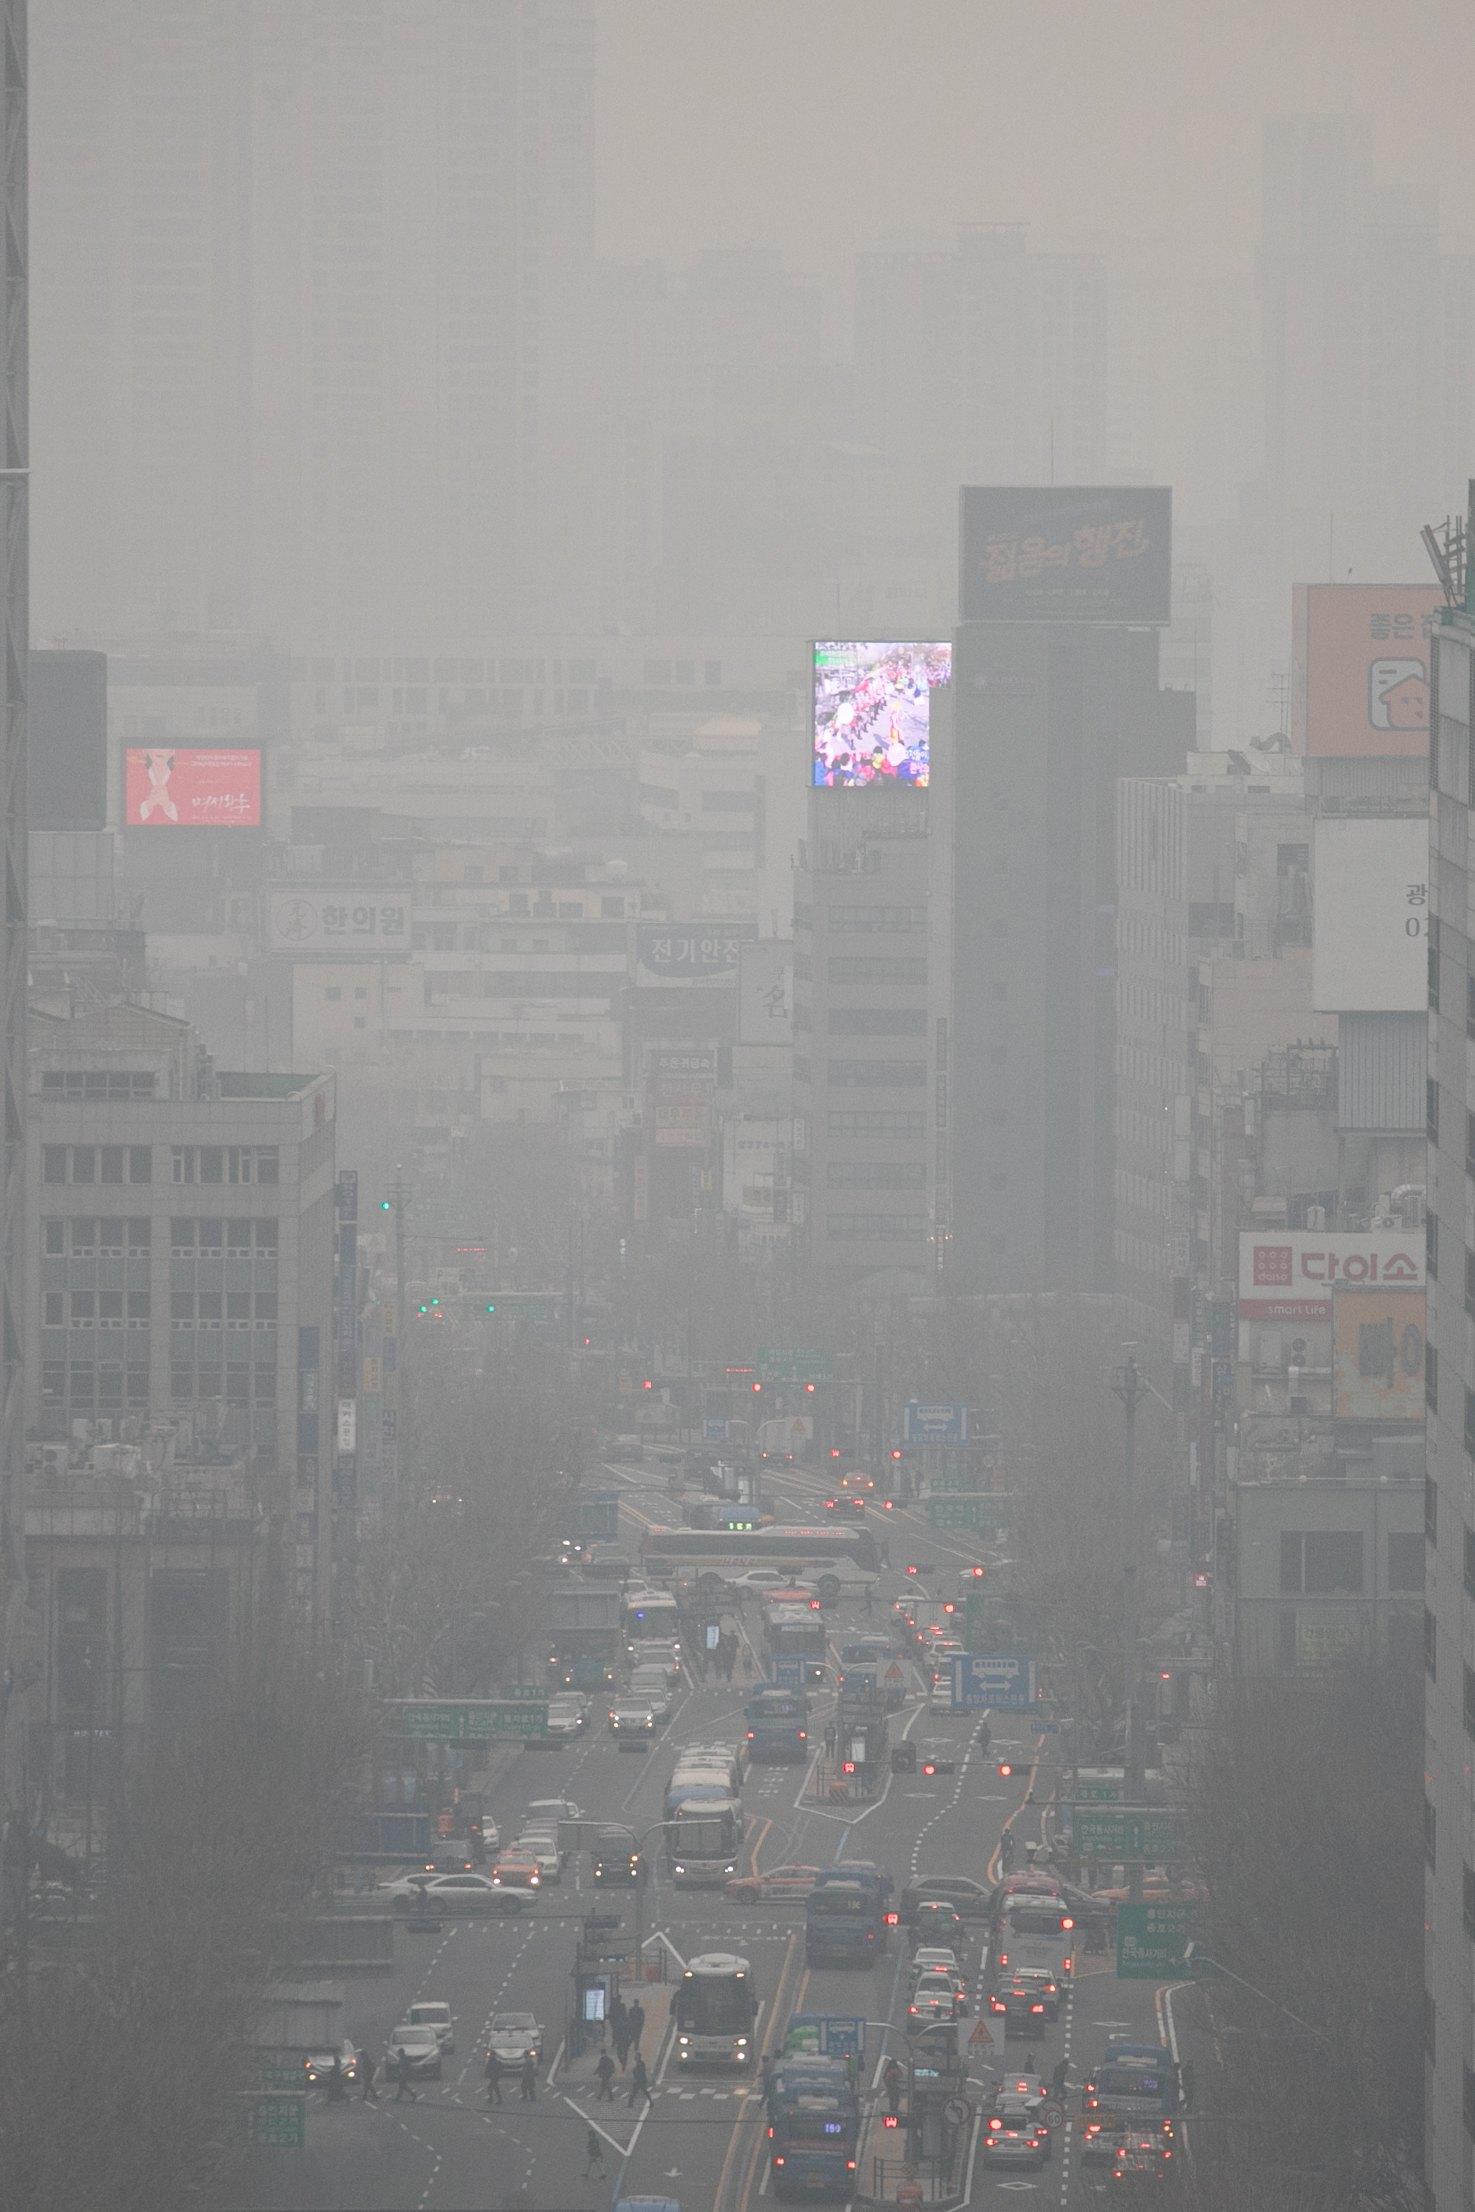 수도권 등 일부 지역의 미세먼지 농도가 '나쁨' 수준을 보인 지난 3월 29일 오전 서울 종로구 도심이 뿌옇다. 당시 기상청은 미세먼지와 더불어 중국발 황사가 북한 상공을 지나면서 우리나라에 영향을 줄 수 있다고 밝혔다. [뉴스1]